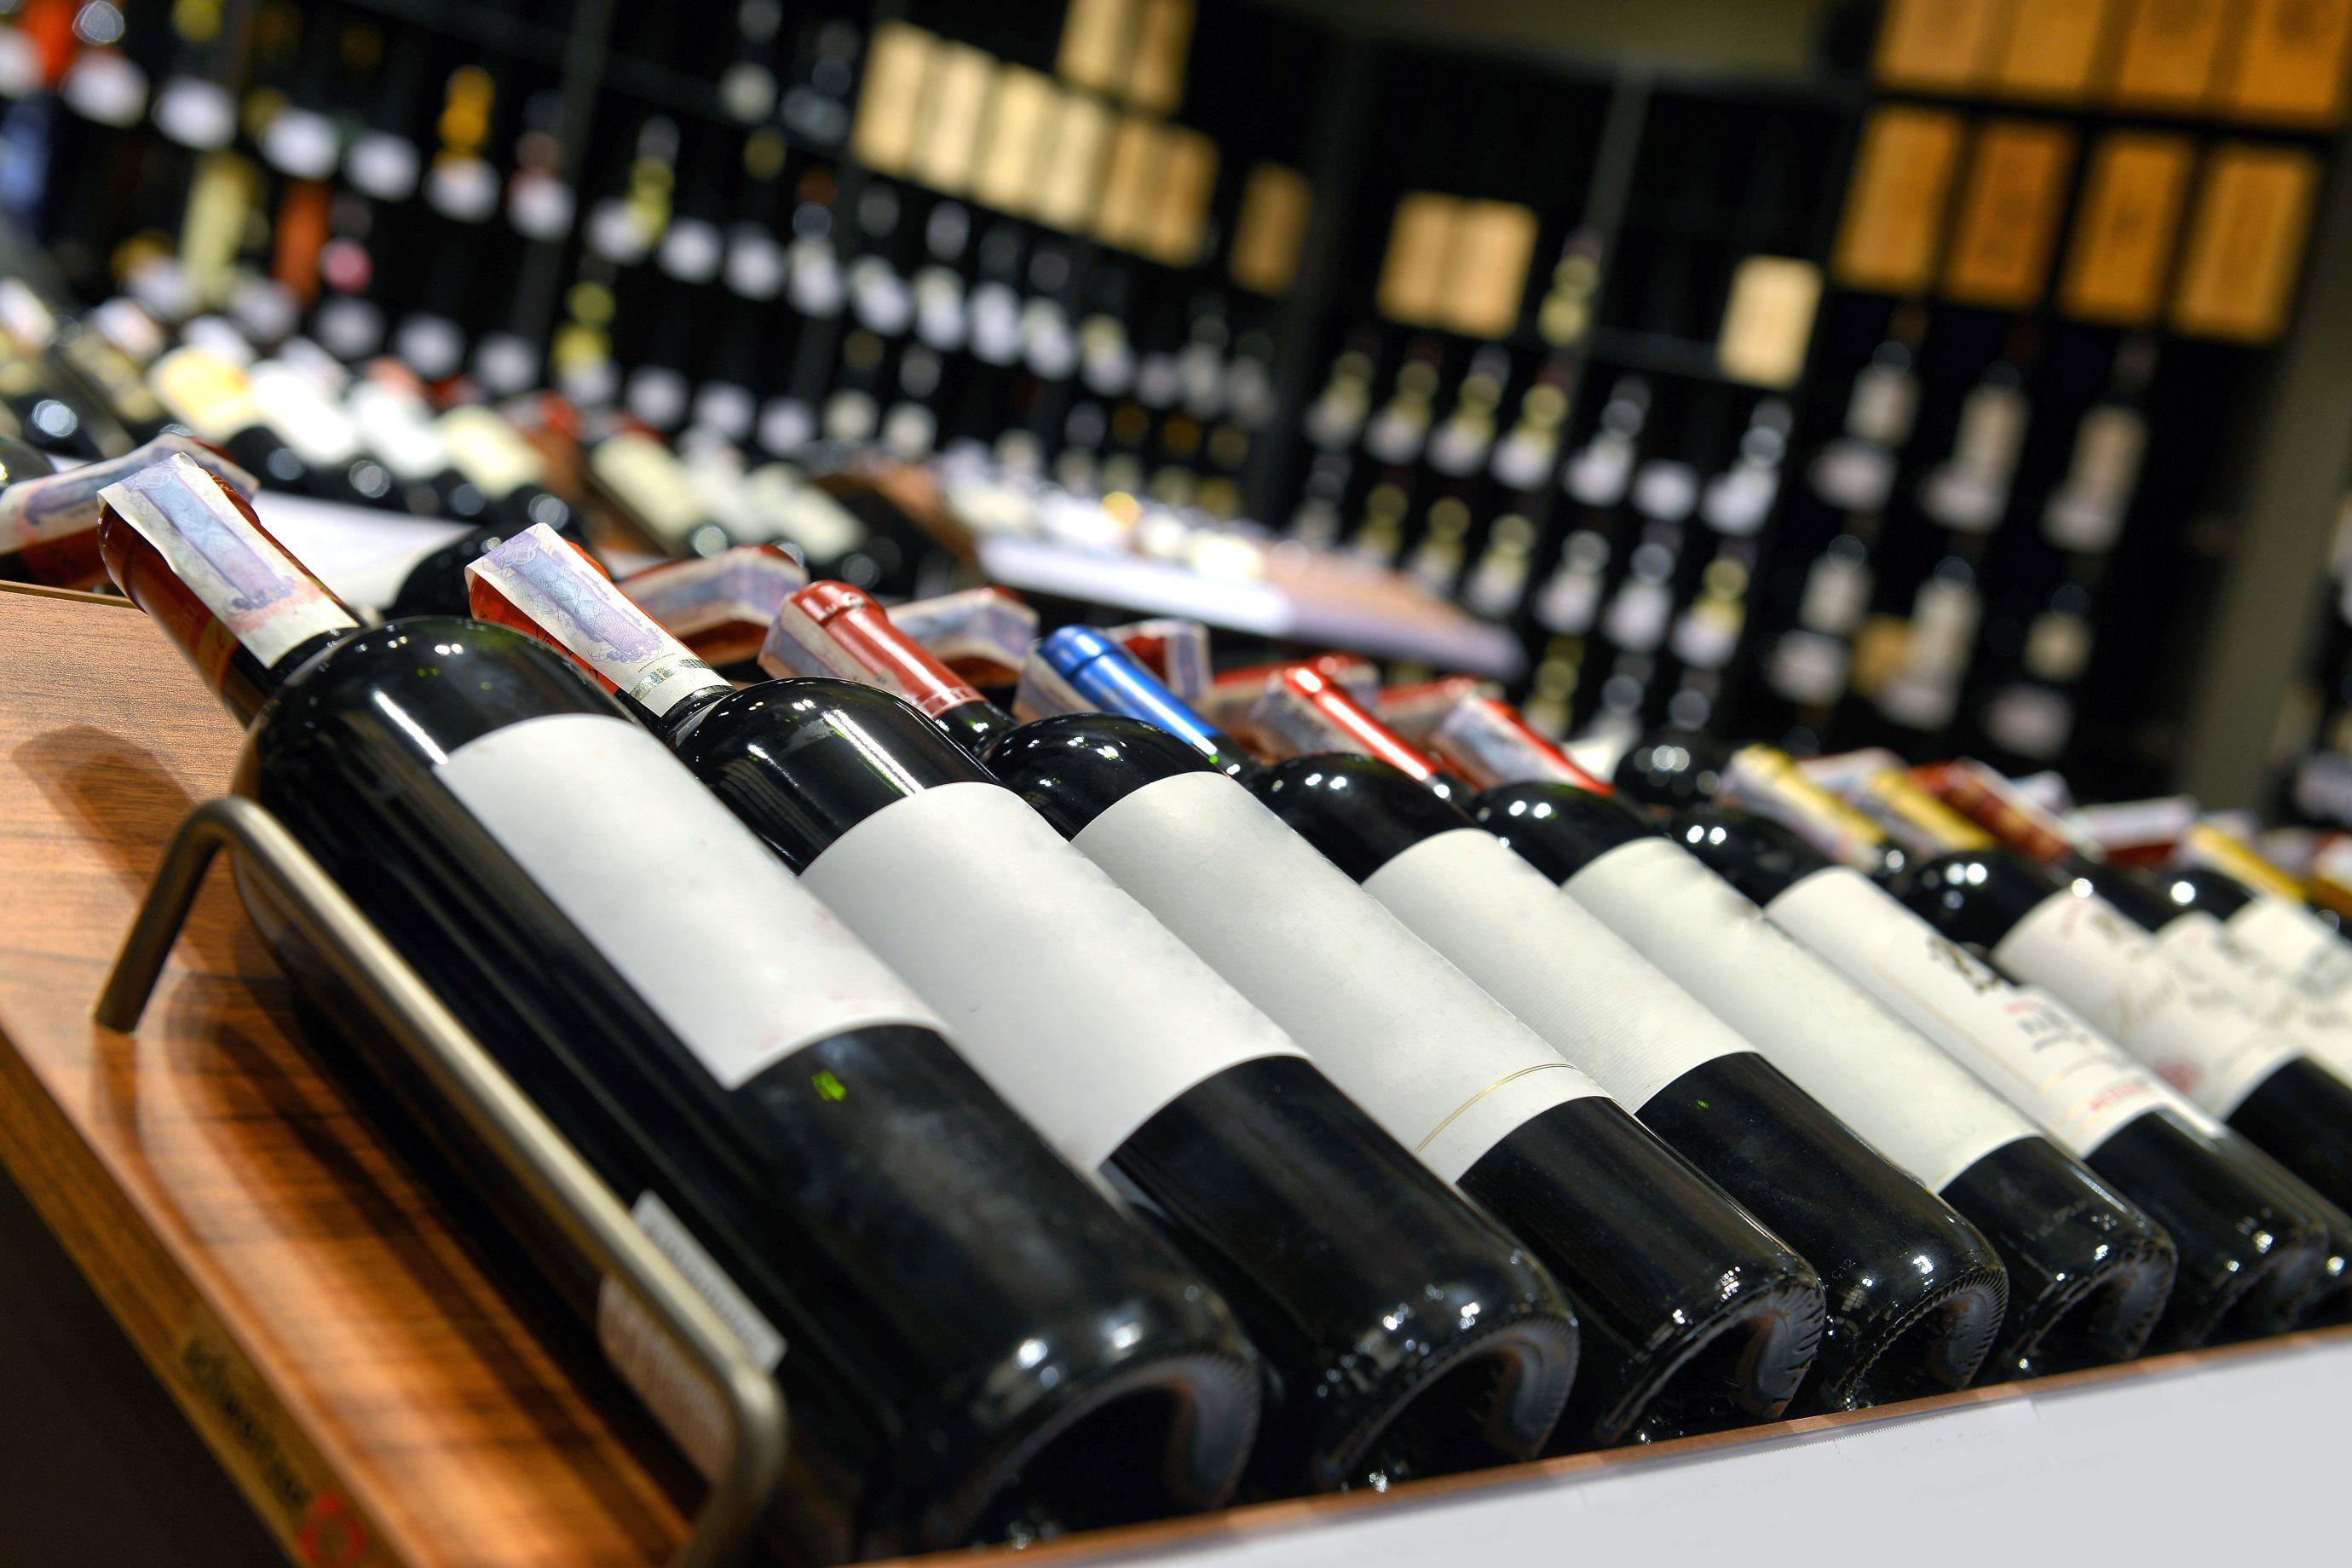 Wines - Retail